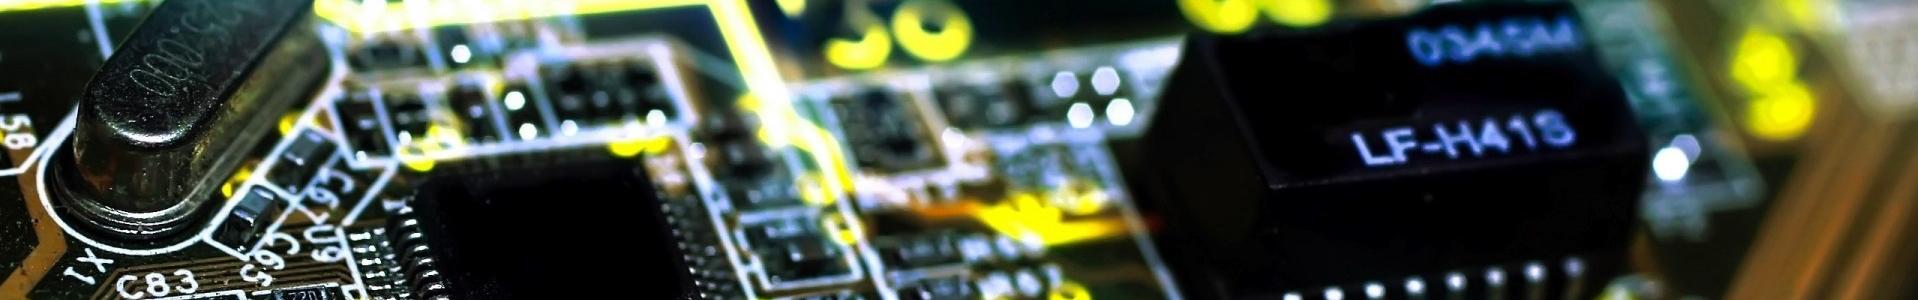 Selltech - Service, Försäljning, Rådgivning